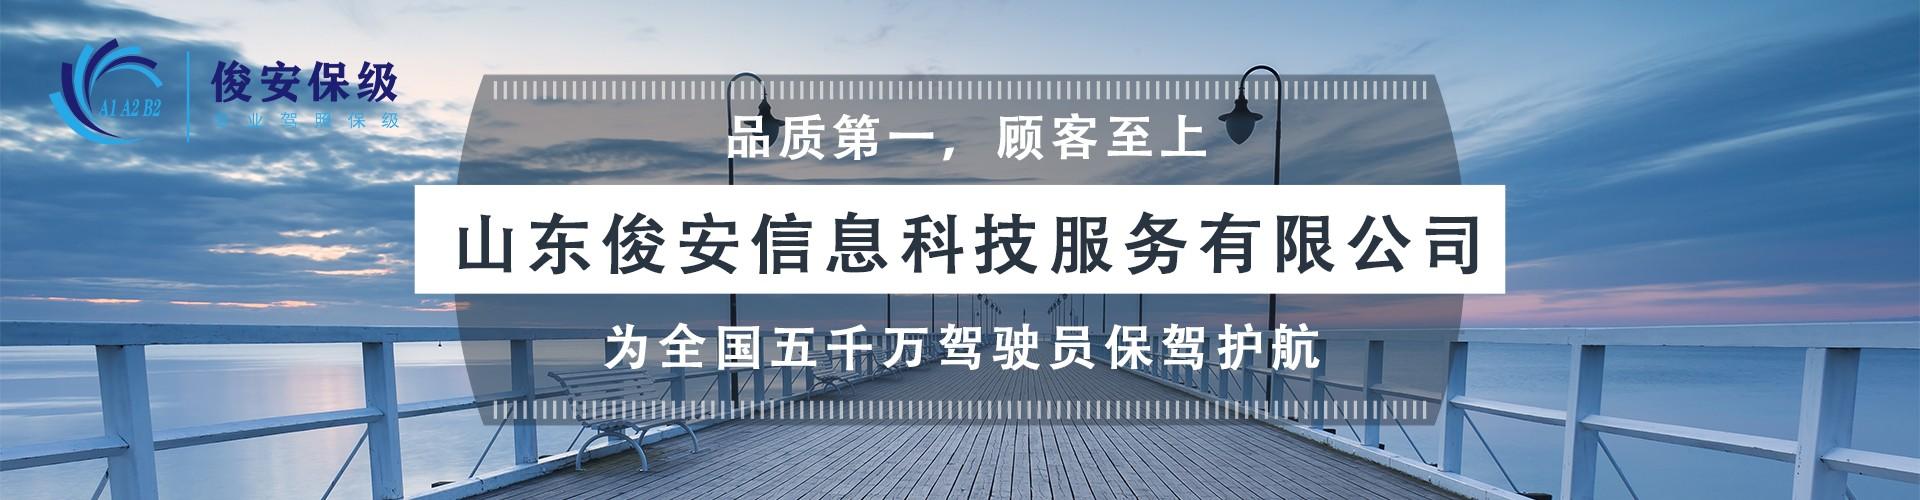 """山东俊安信息科技服务有限公司""""学法减分"""""""